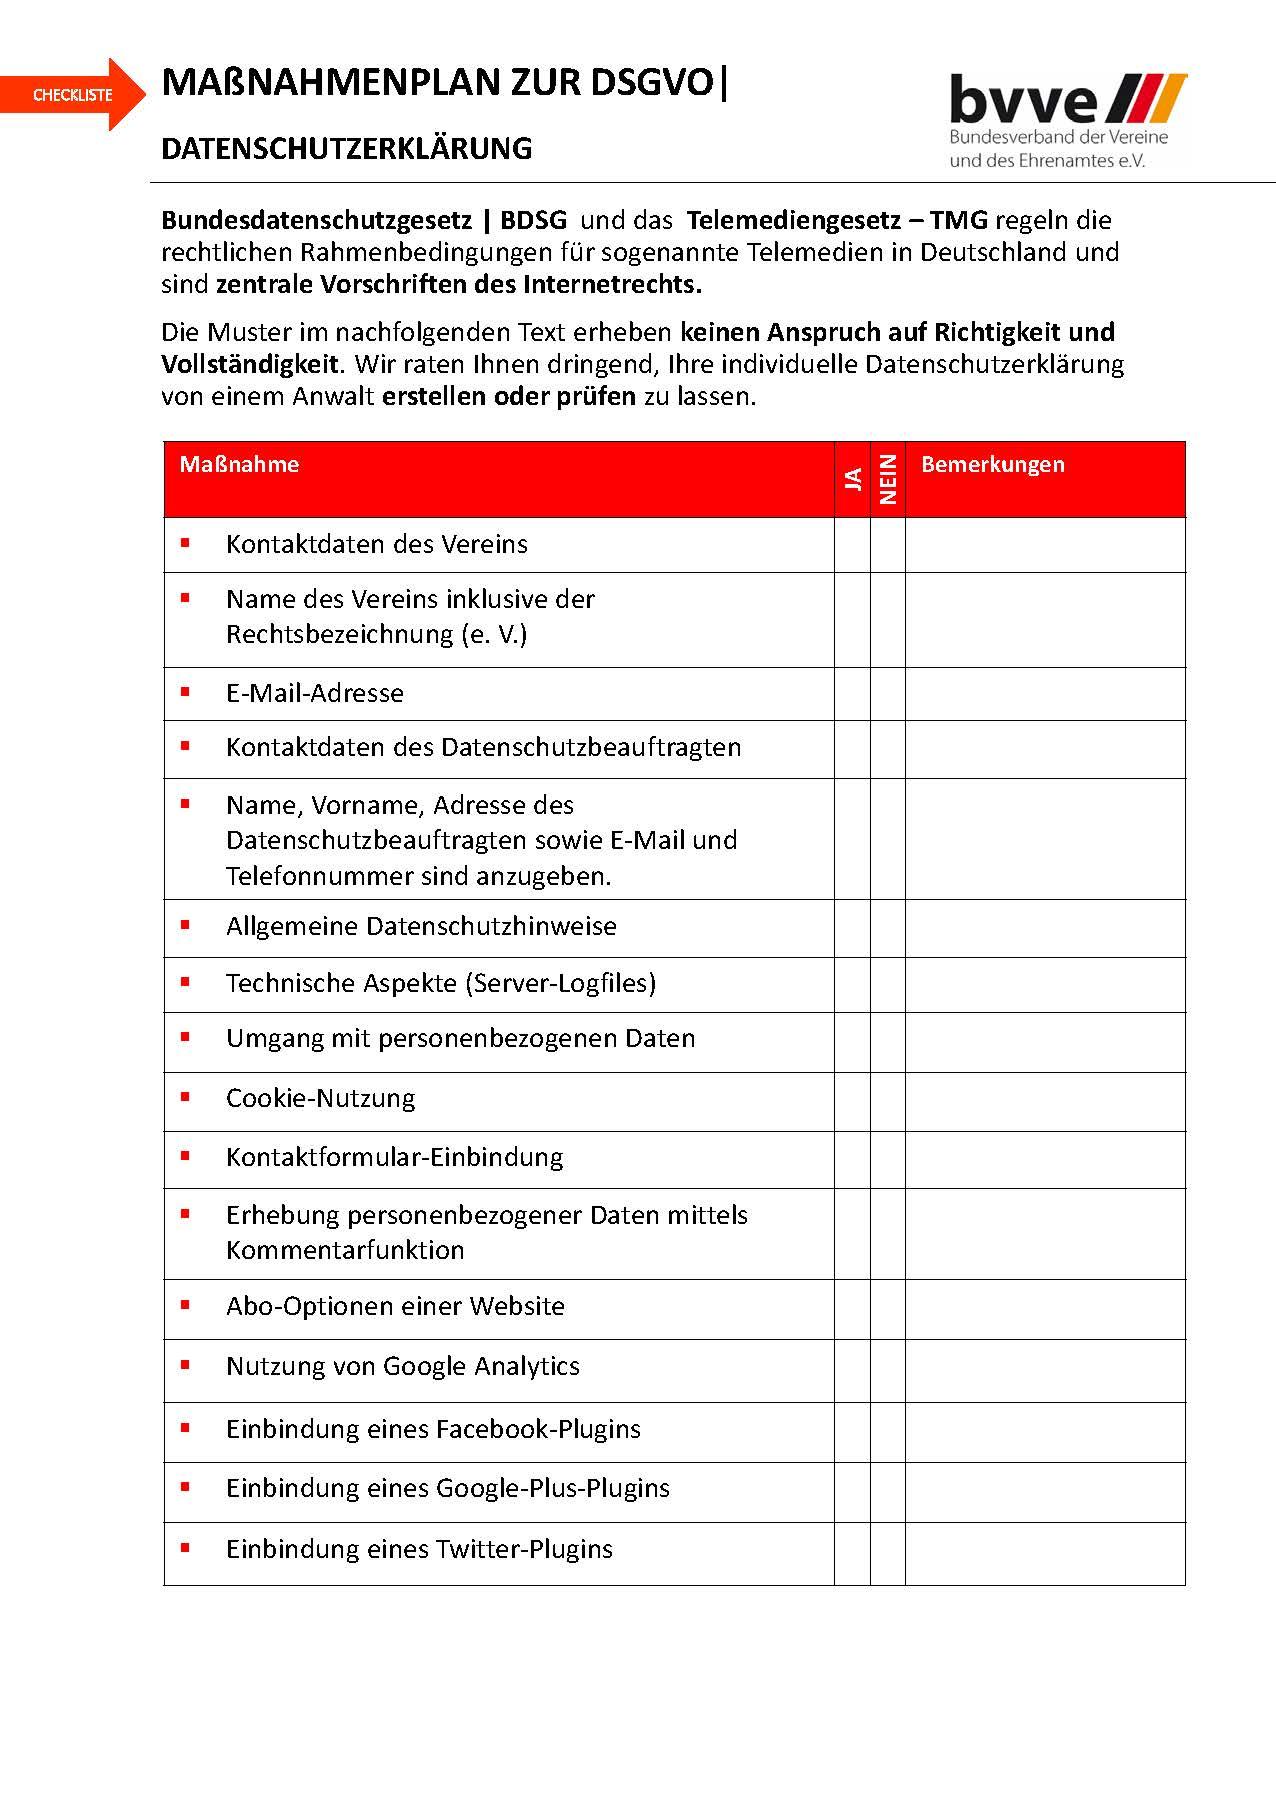 Handbuch zum Tagesseminar DSGVO bvve